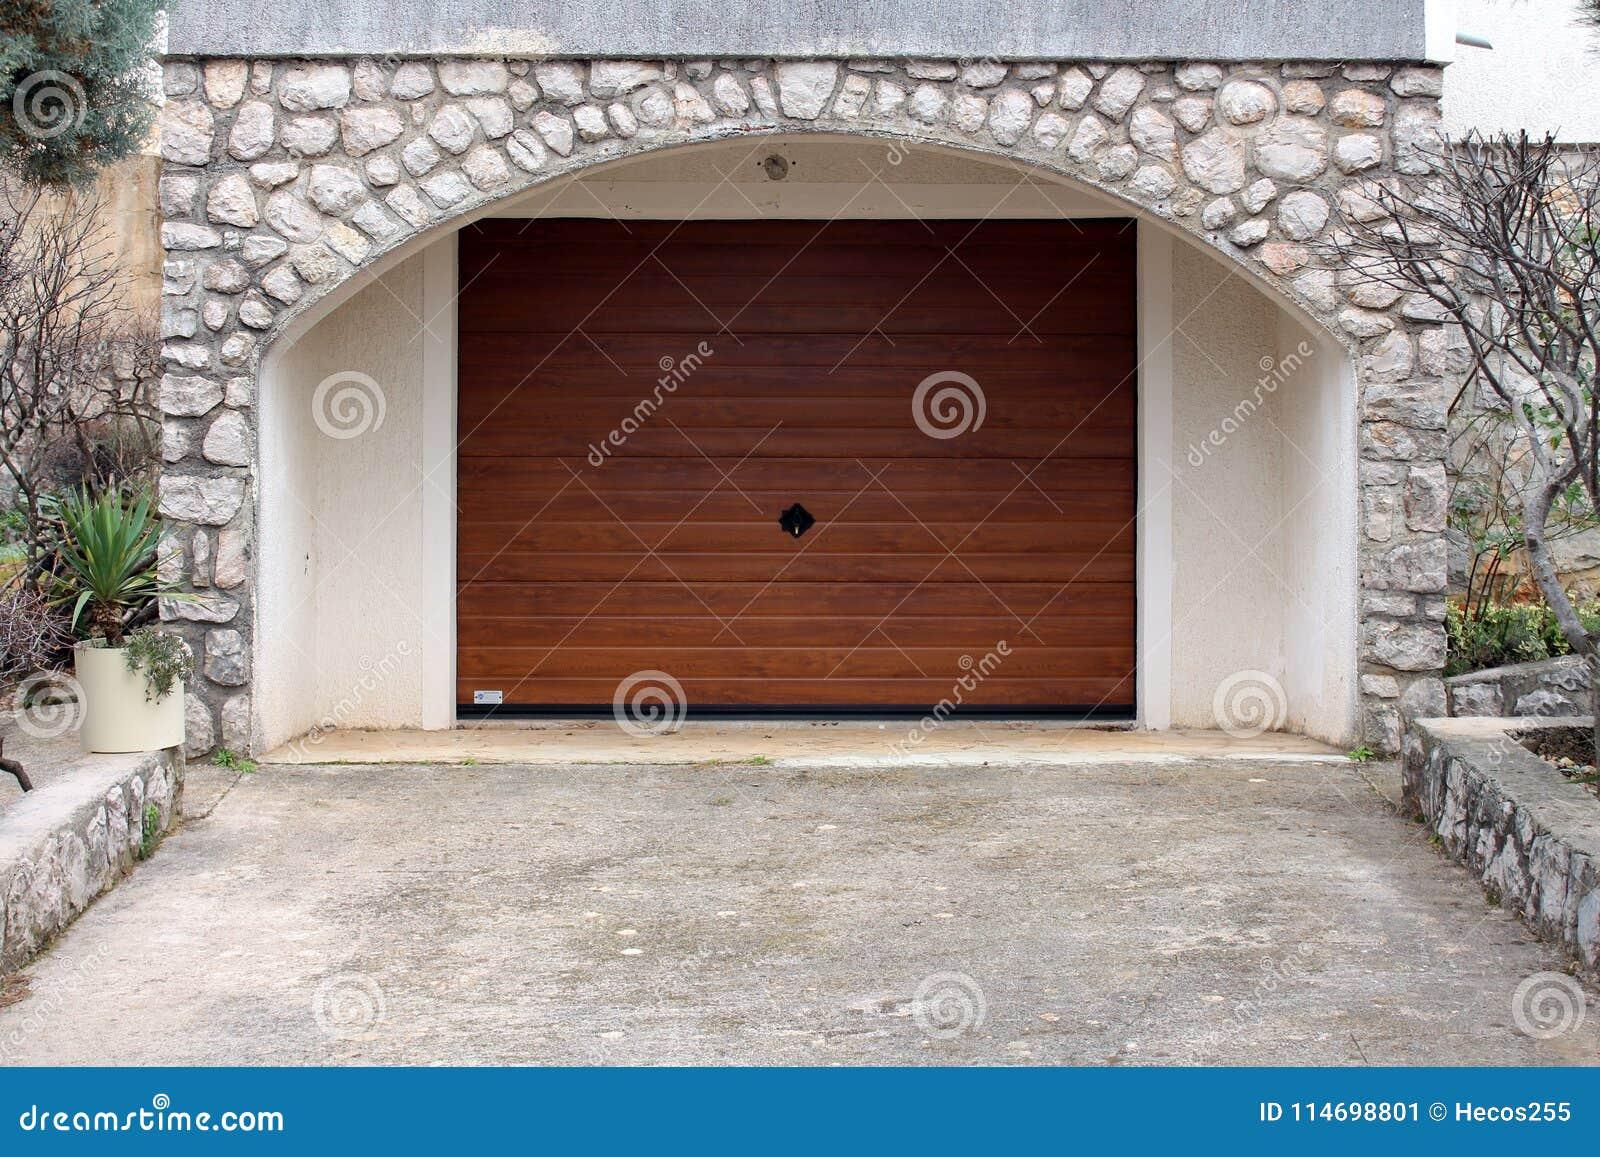 modern metal garage door. Modern Roll Up Metal Garage Door With Faux Wood Grain Finish D